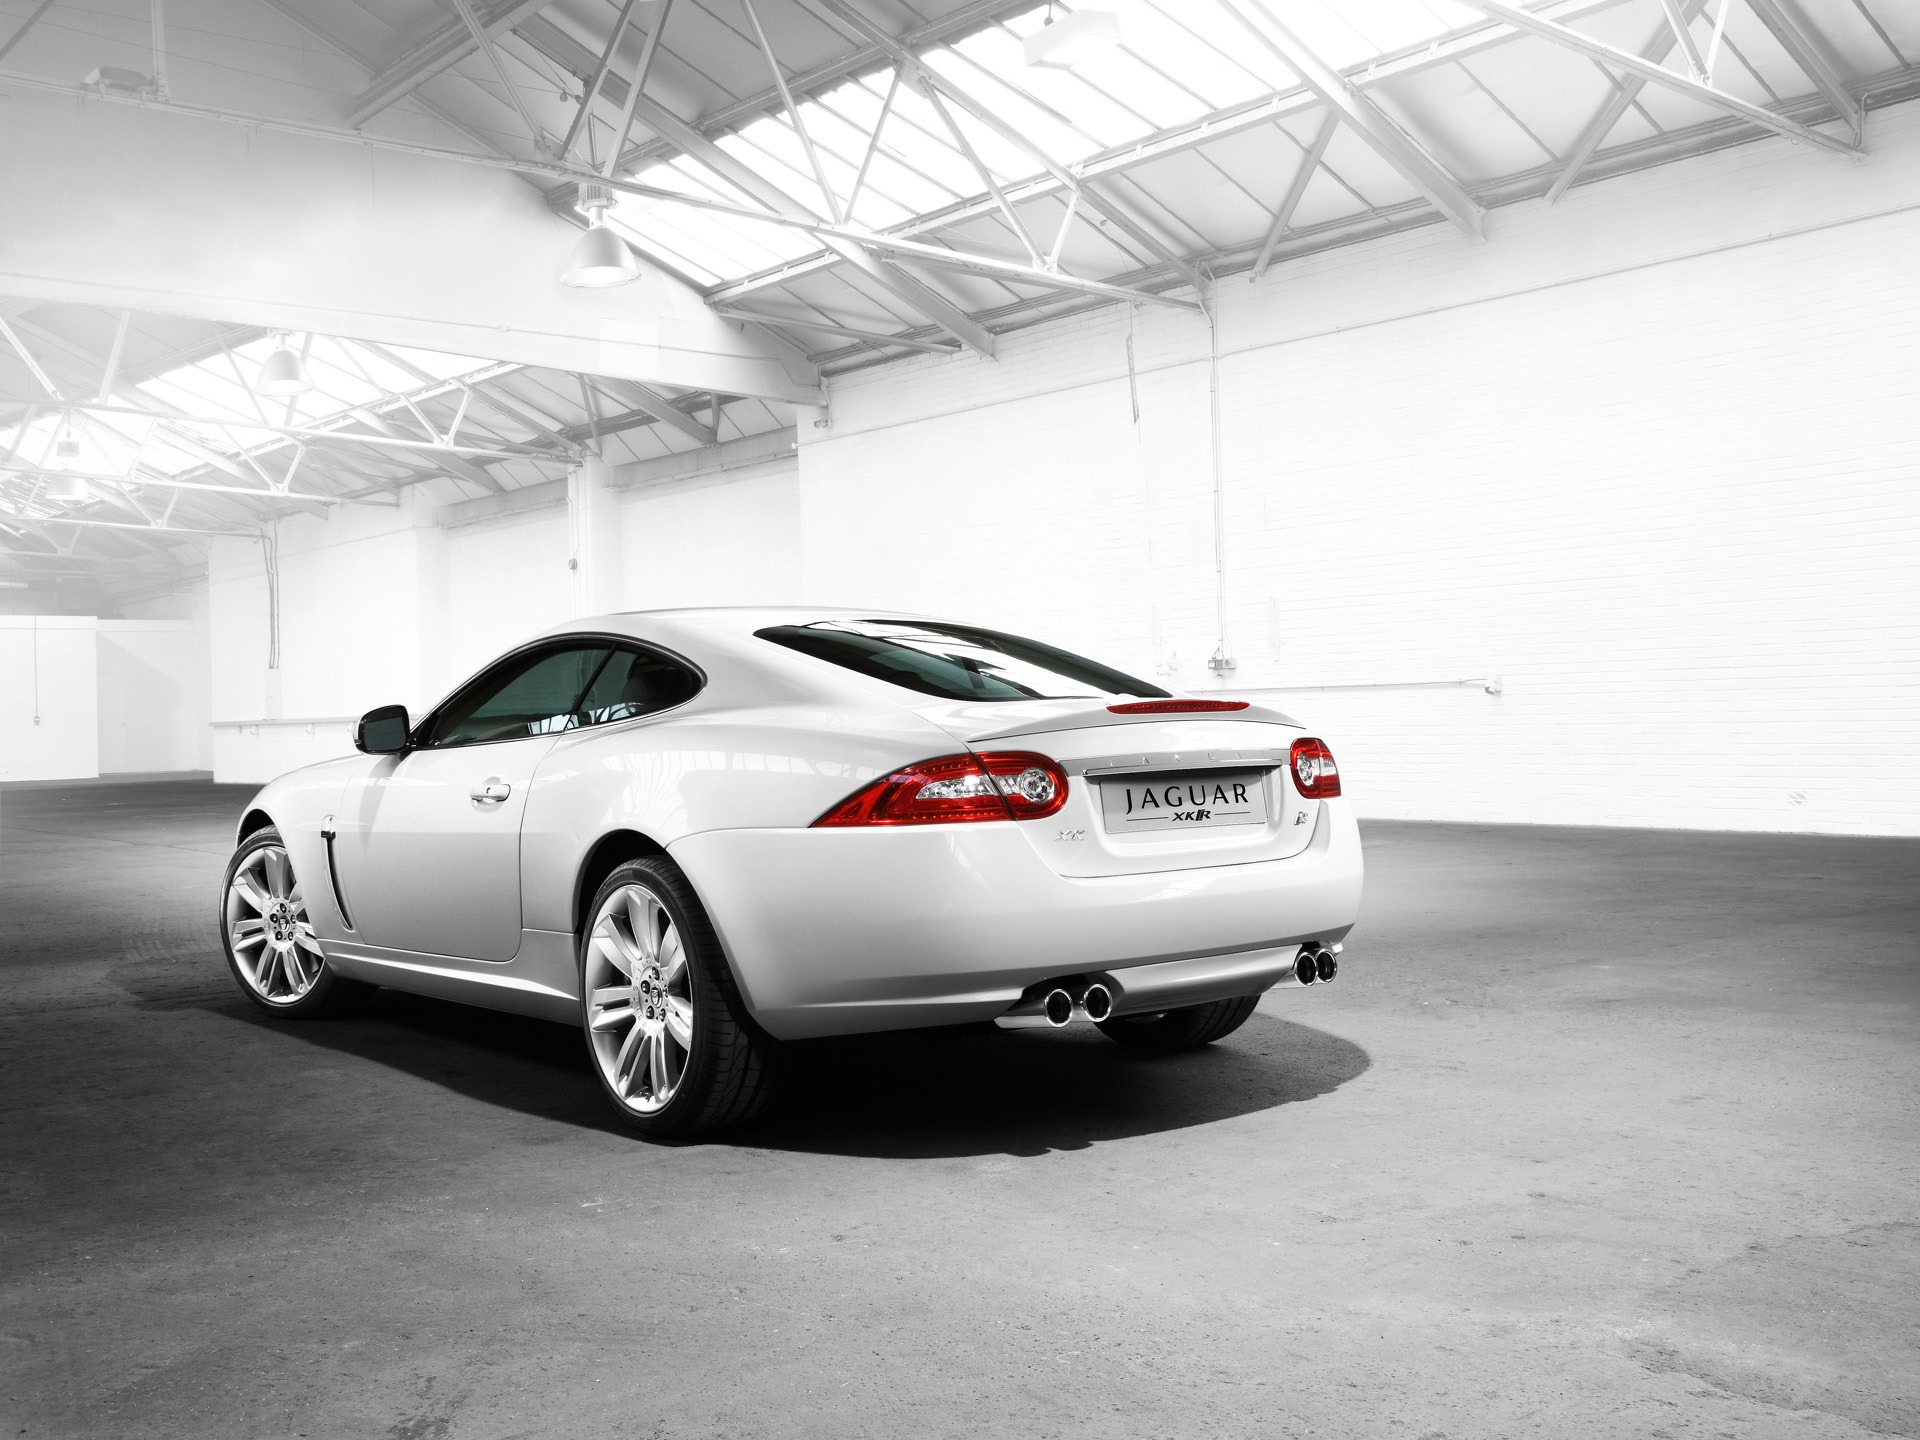 Jaguar Xkr Wallpaper Jaguar Cars Wallpapers In Jpg Format For Free